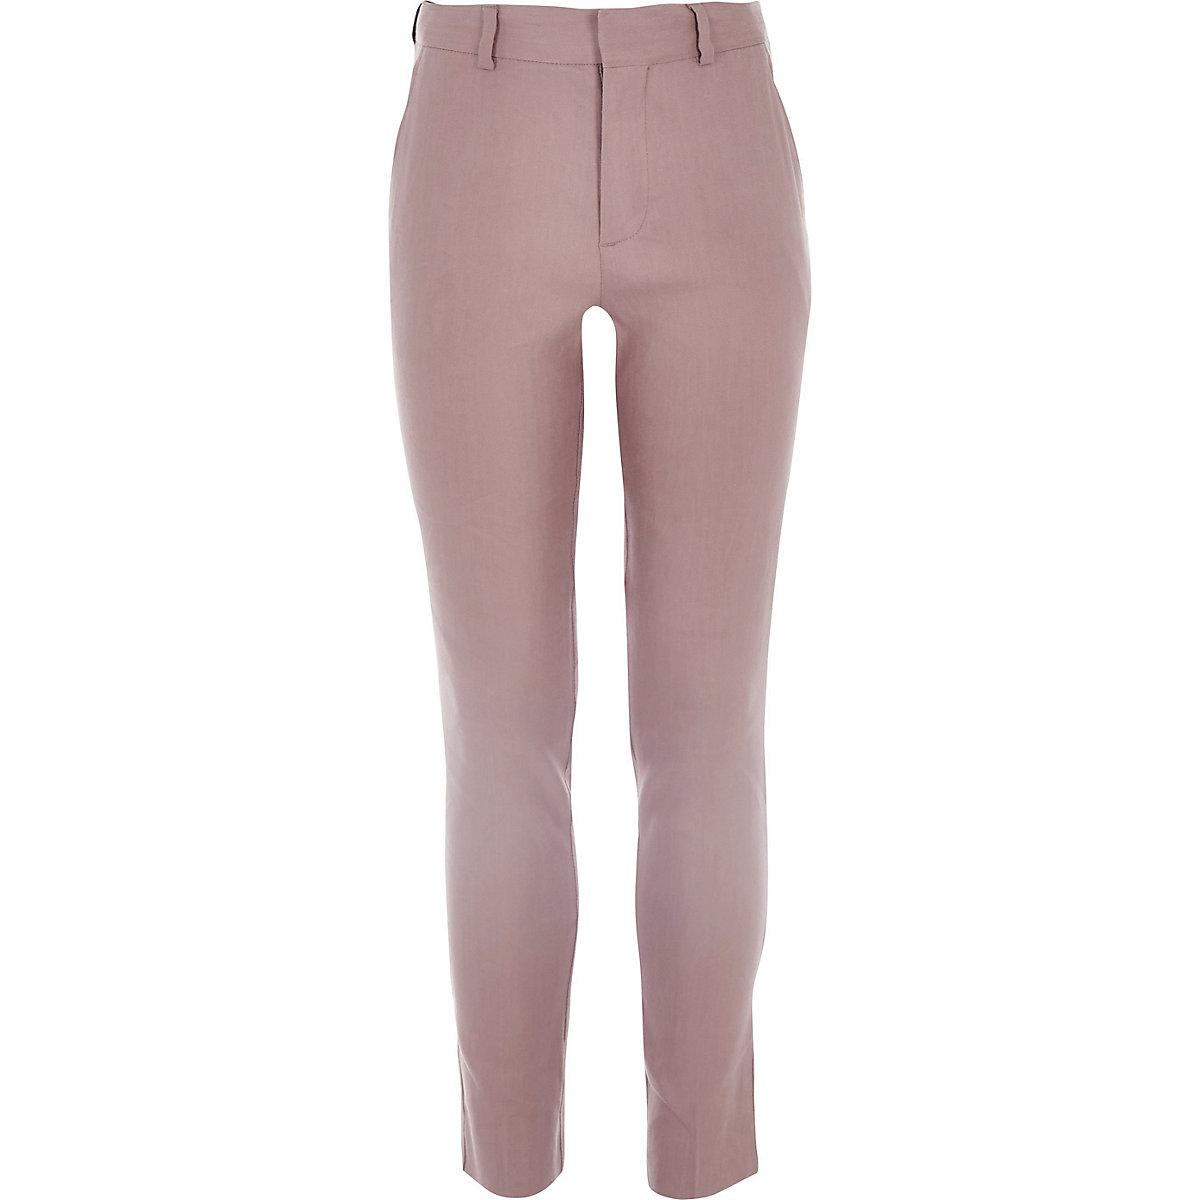 Boys pink linen suit trousers